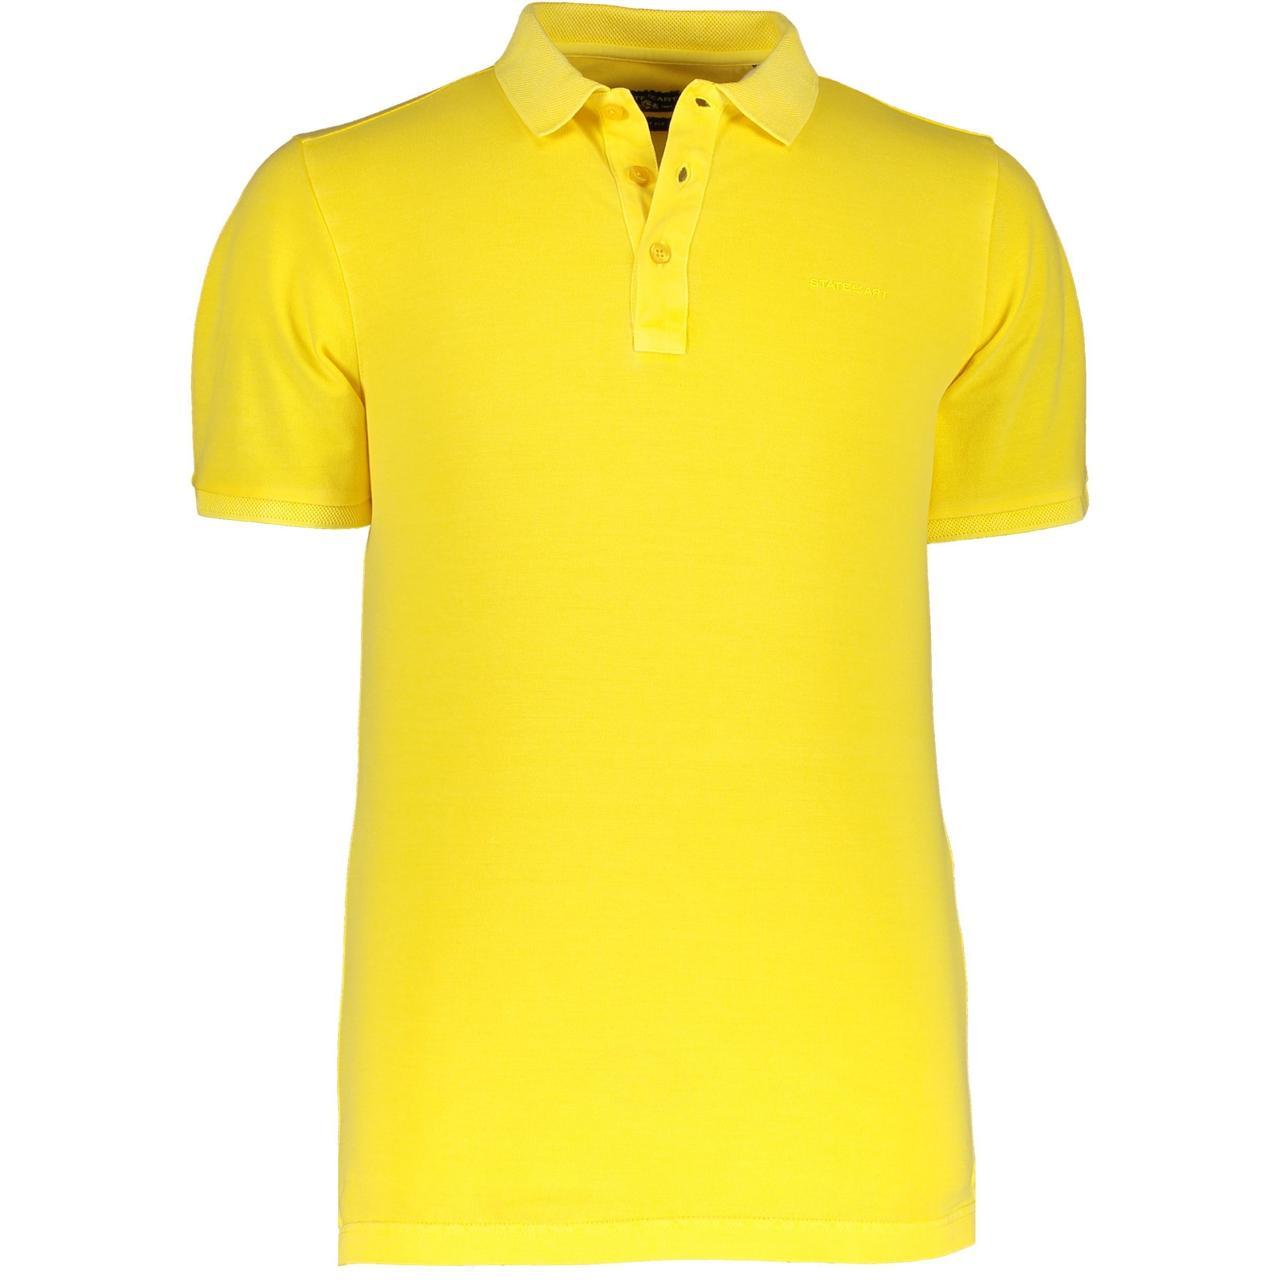 STATE OF ART Мужская футболка поло с карманом на груди